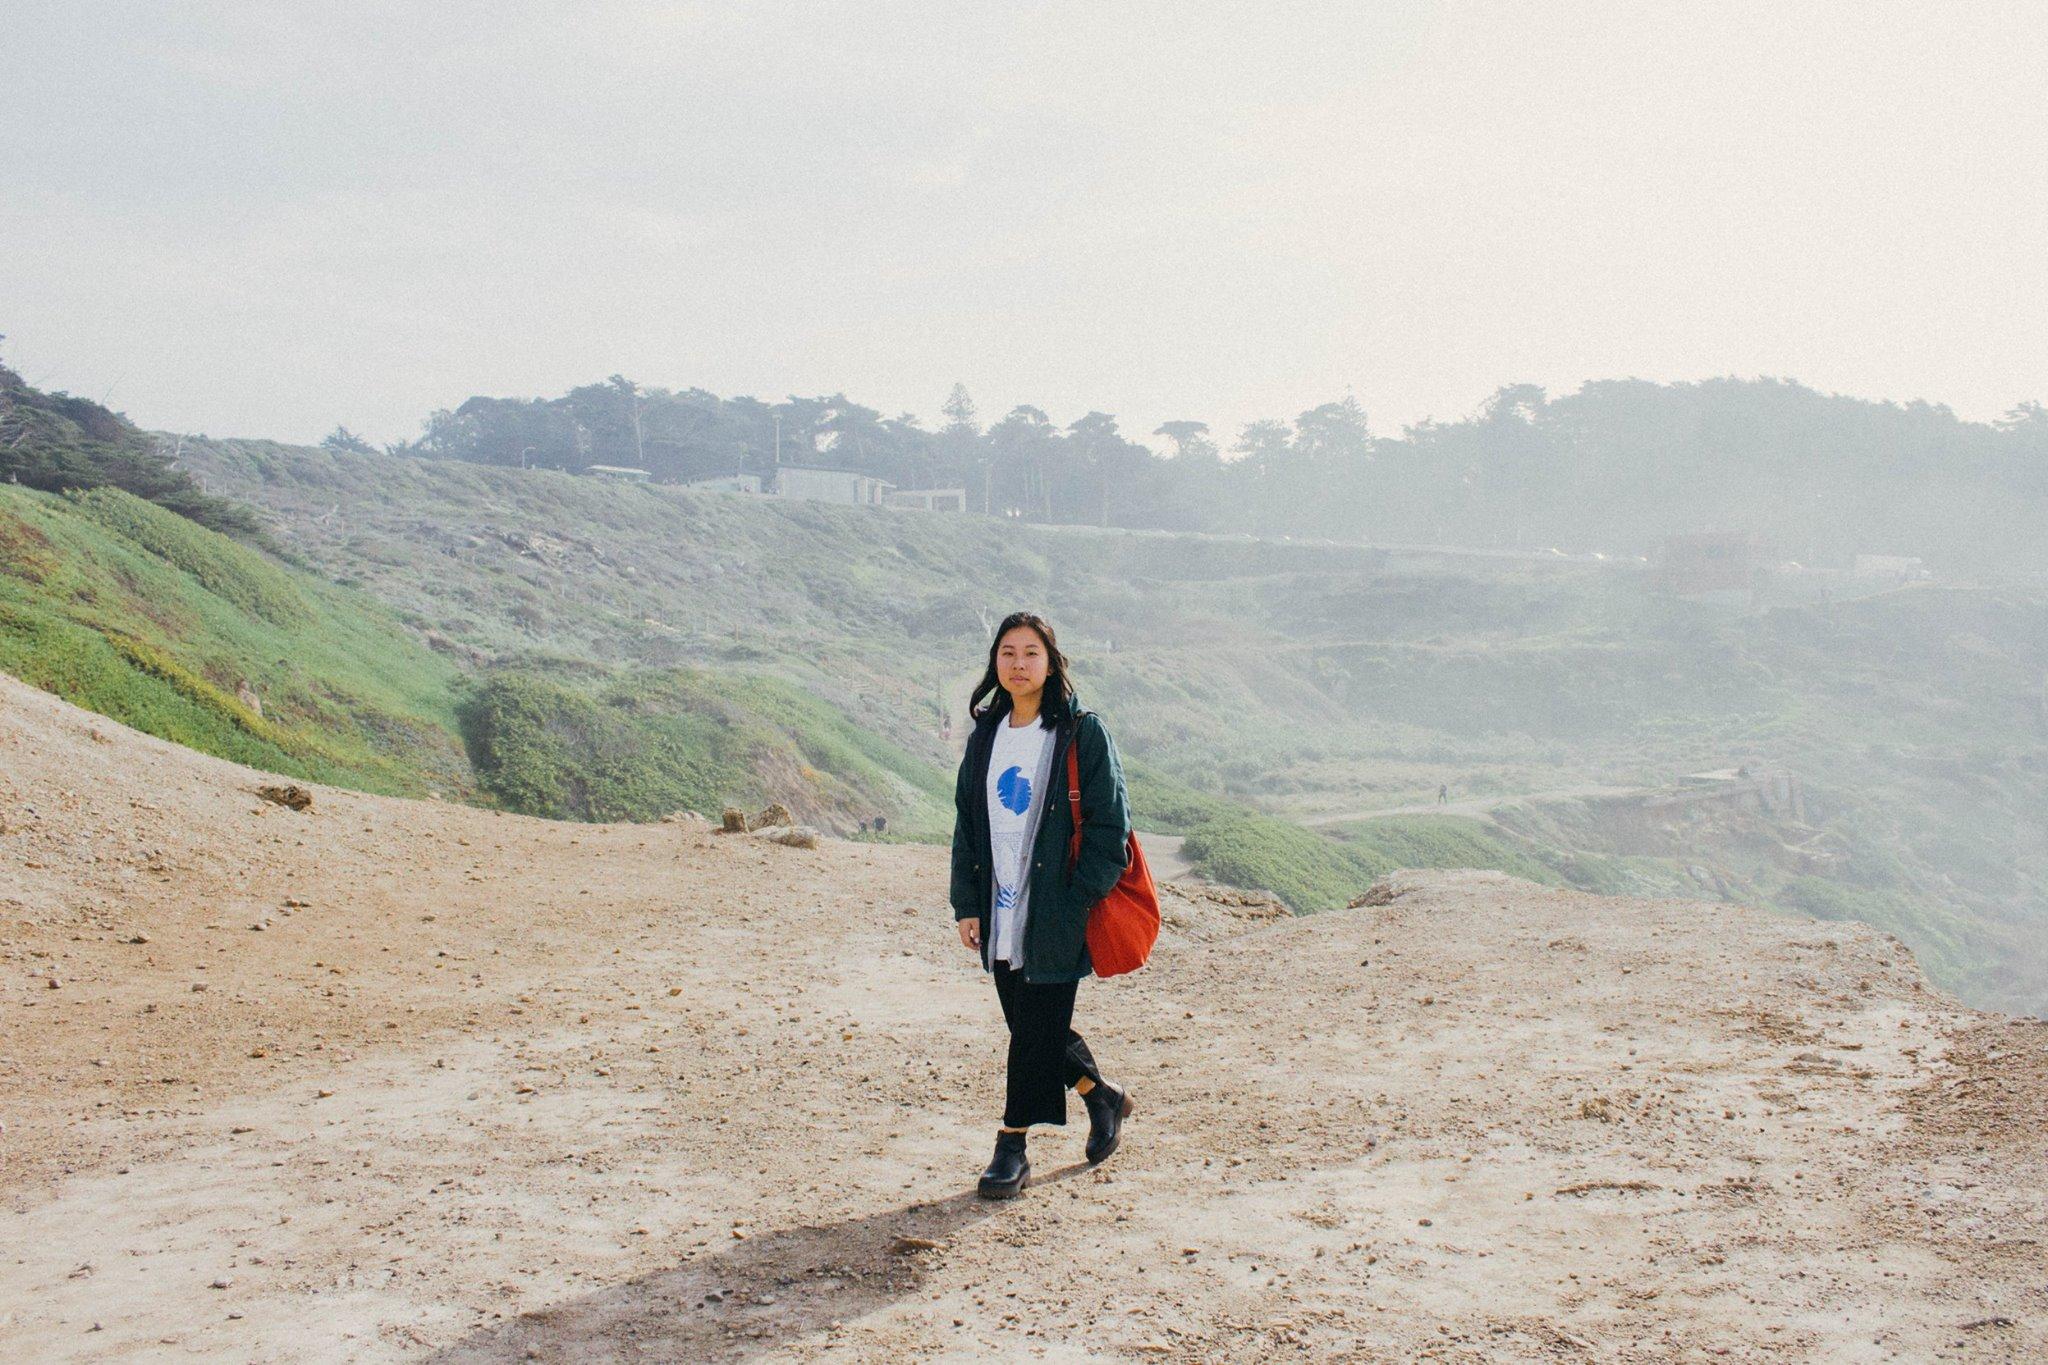 Julie Kim in San Francisco